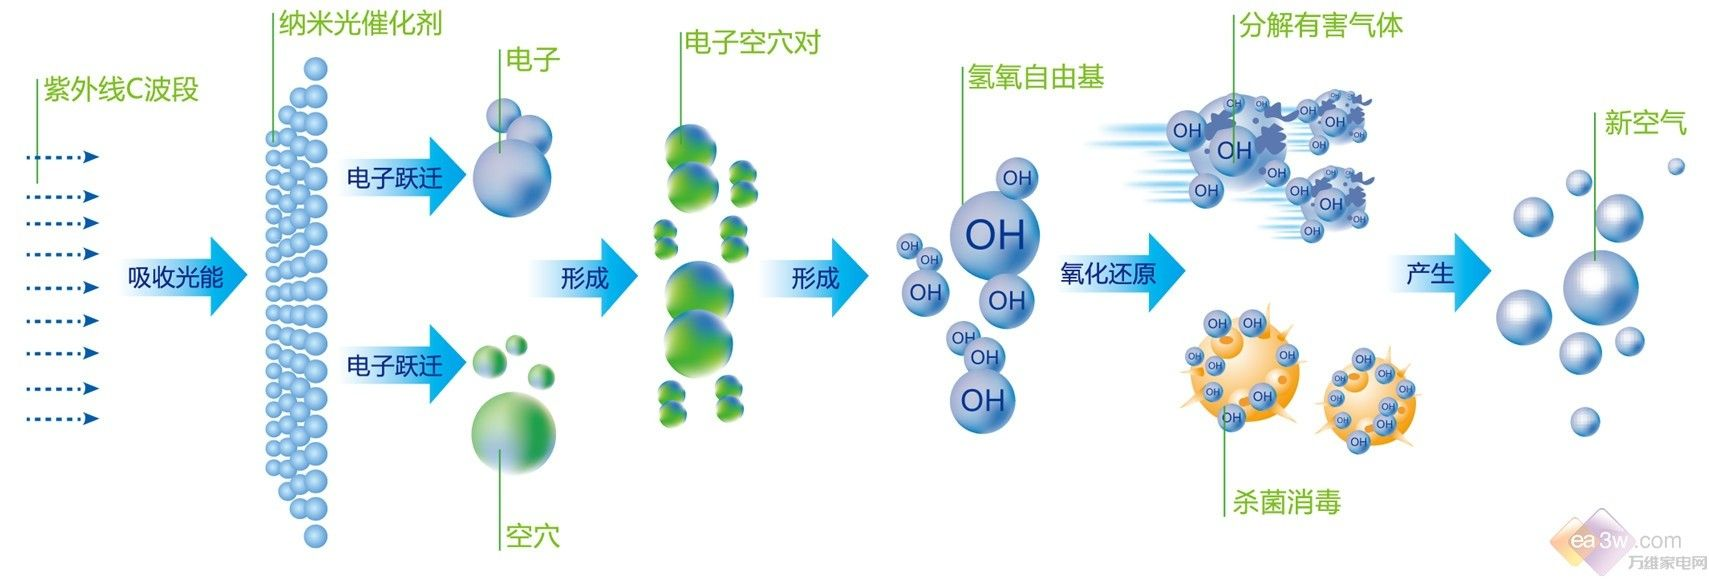 已广泛运用于环境污染治理